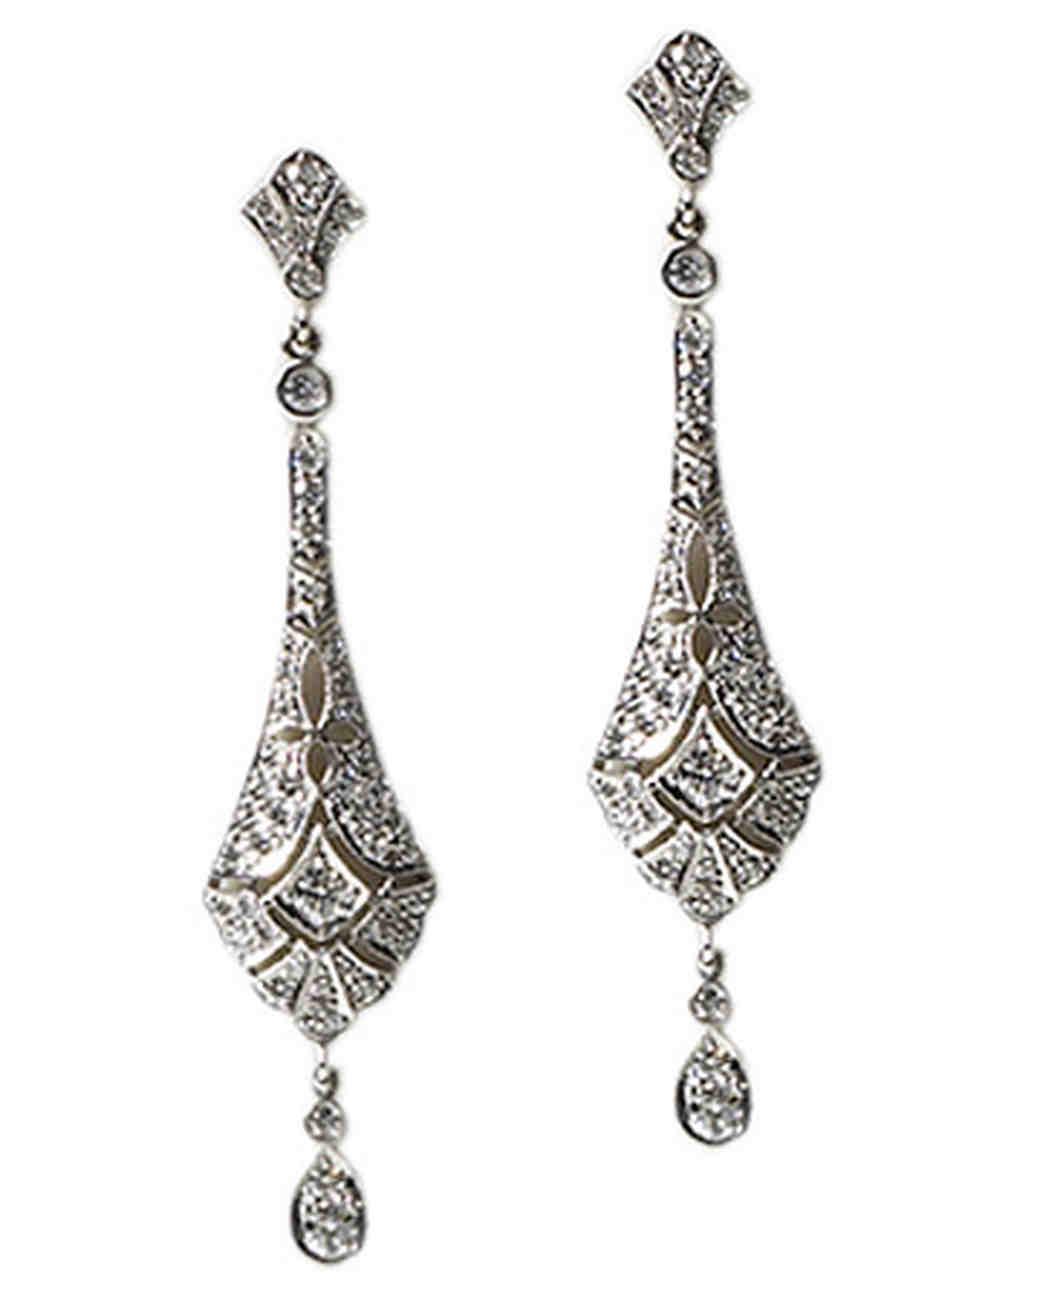 wd104606_spr09_jewelry53.jpg